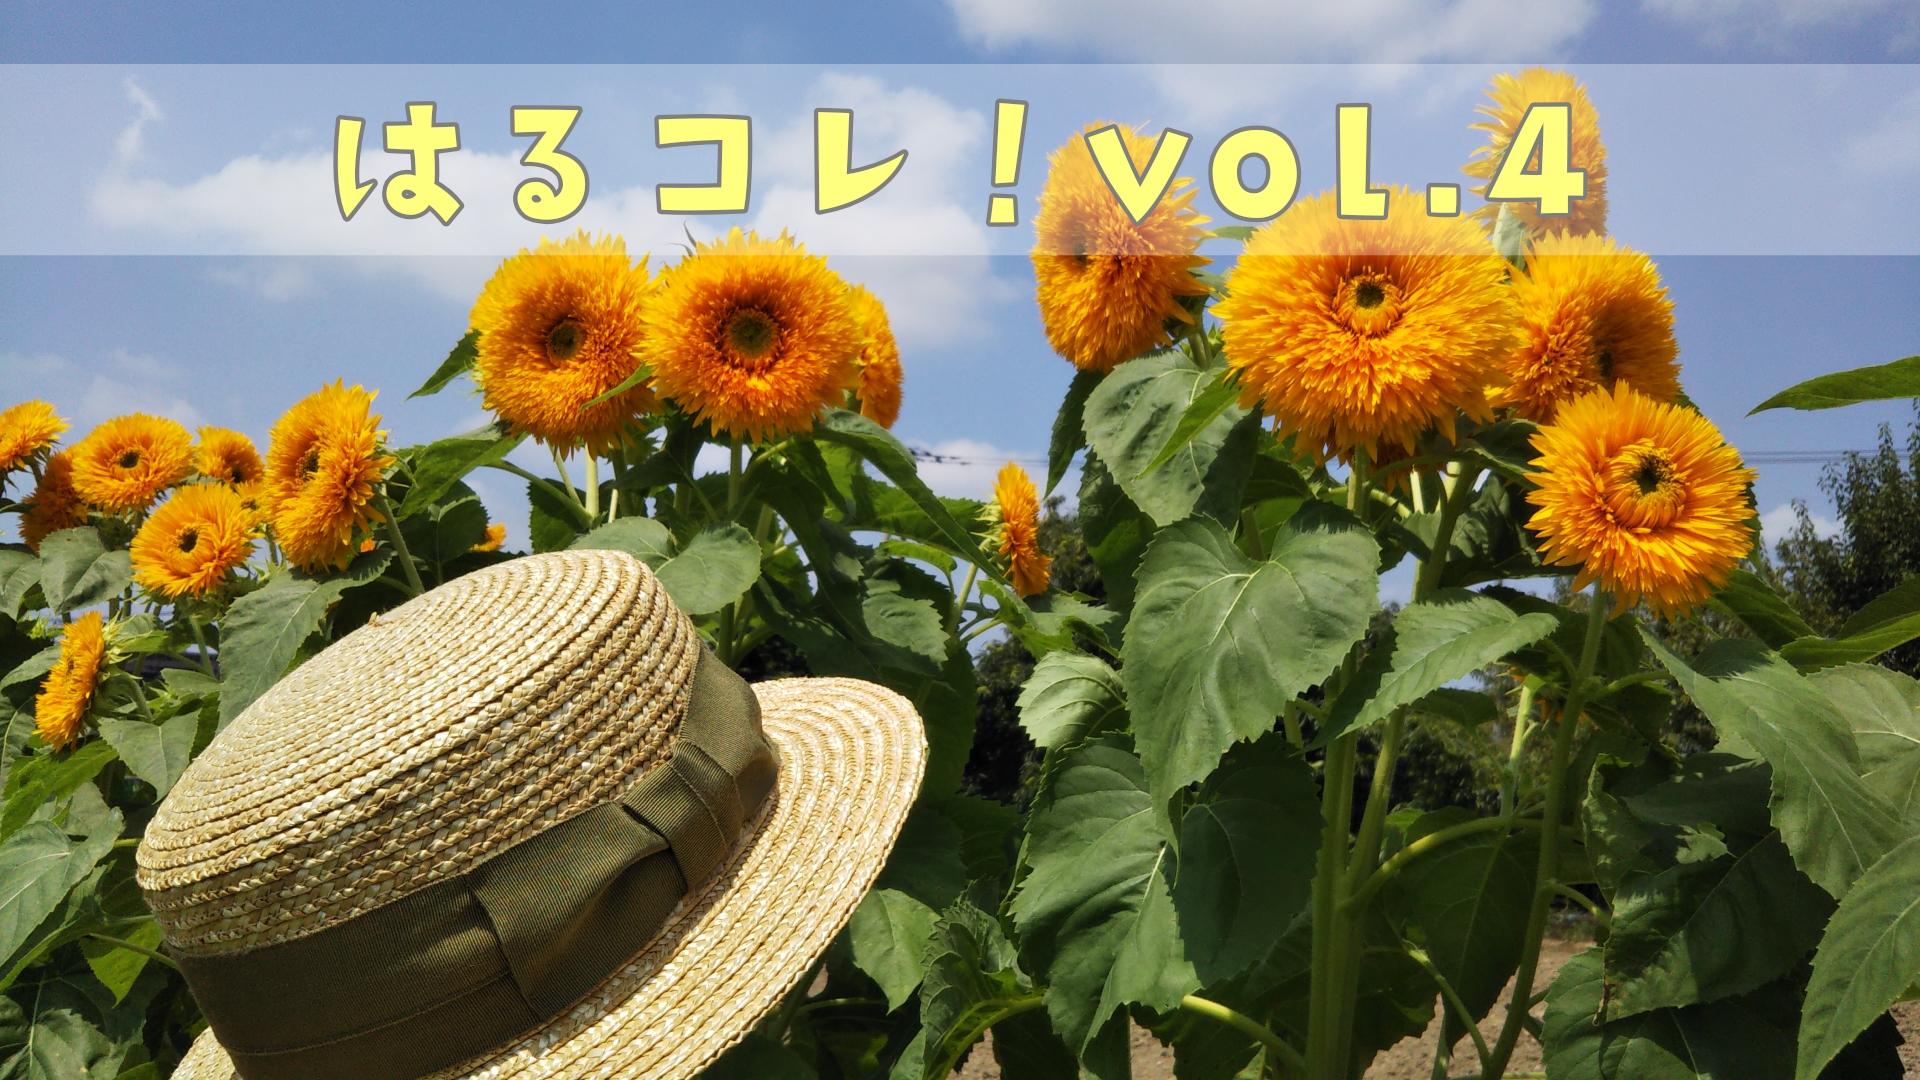 春日部,麦わら帽子,田中帽子店,ひまわり,八重ひまわり